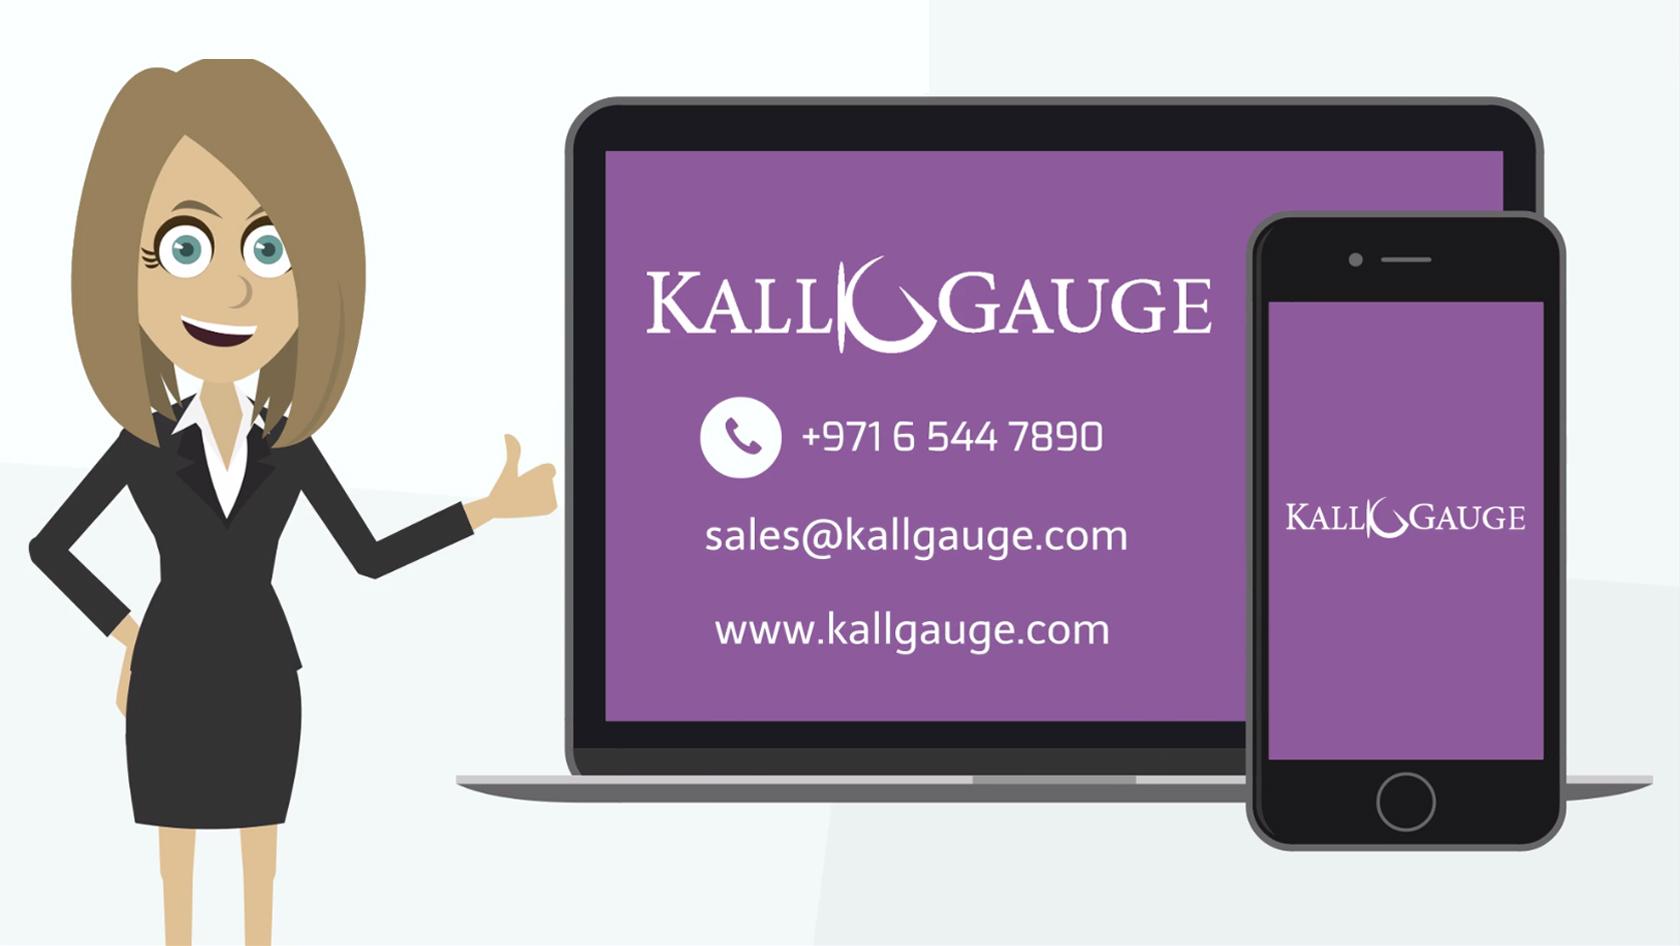 Kall Gauge